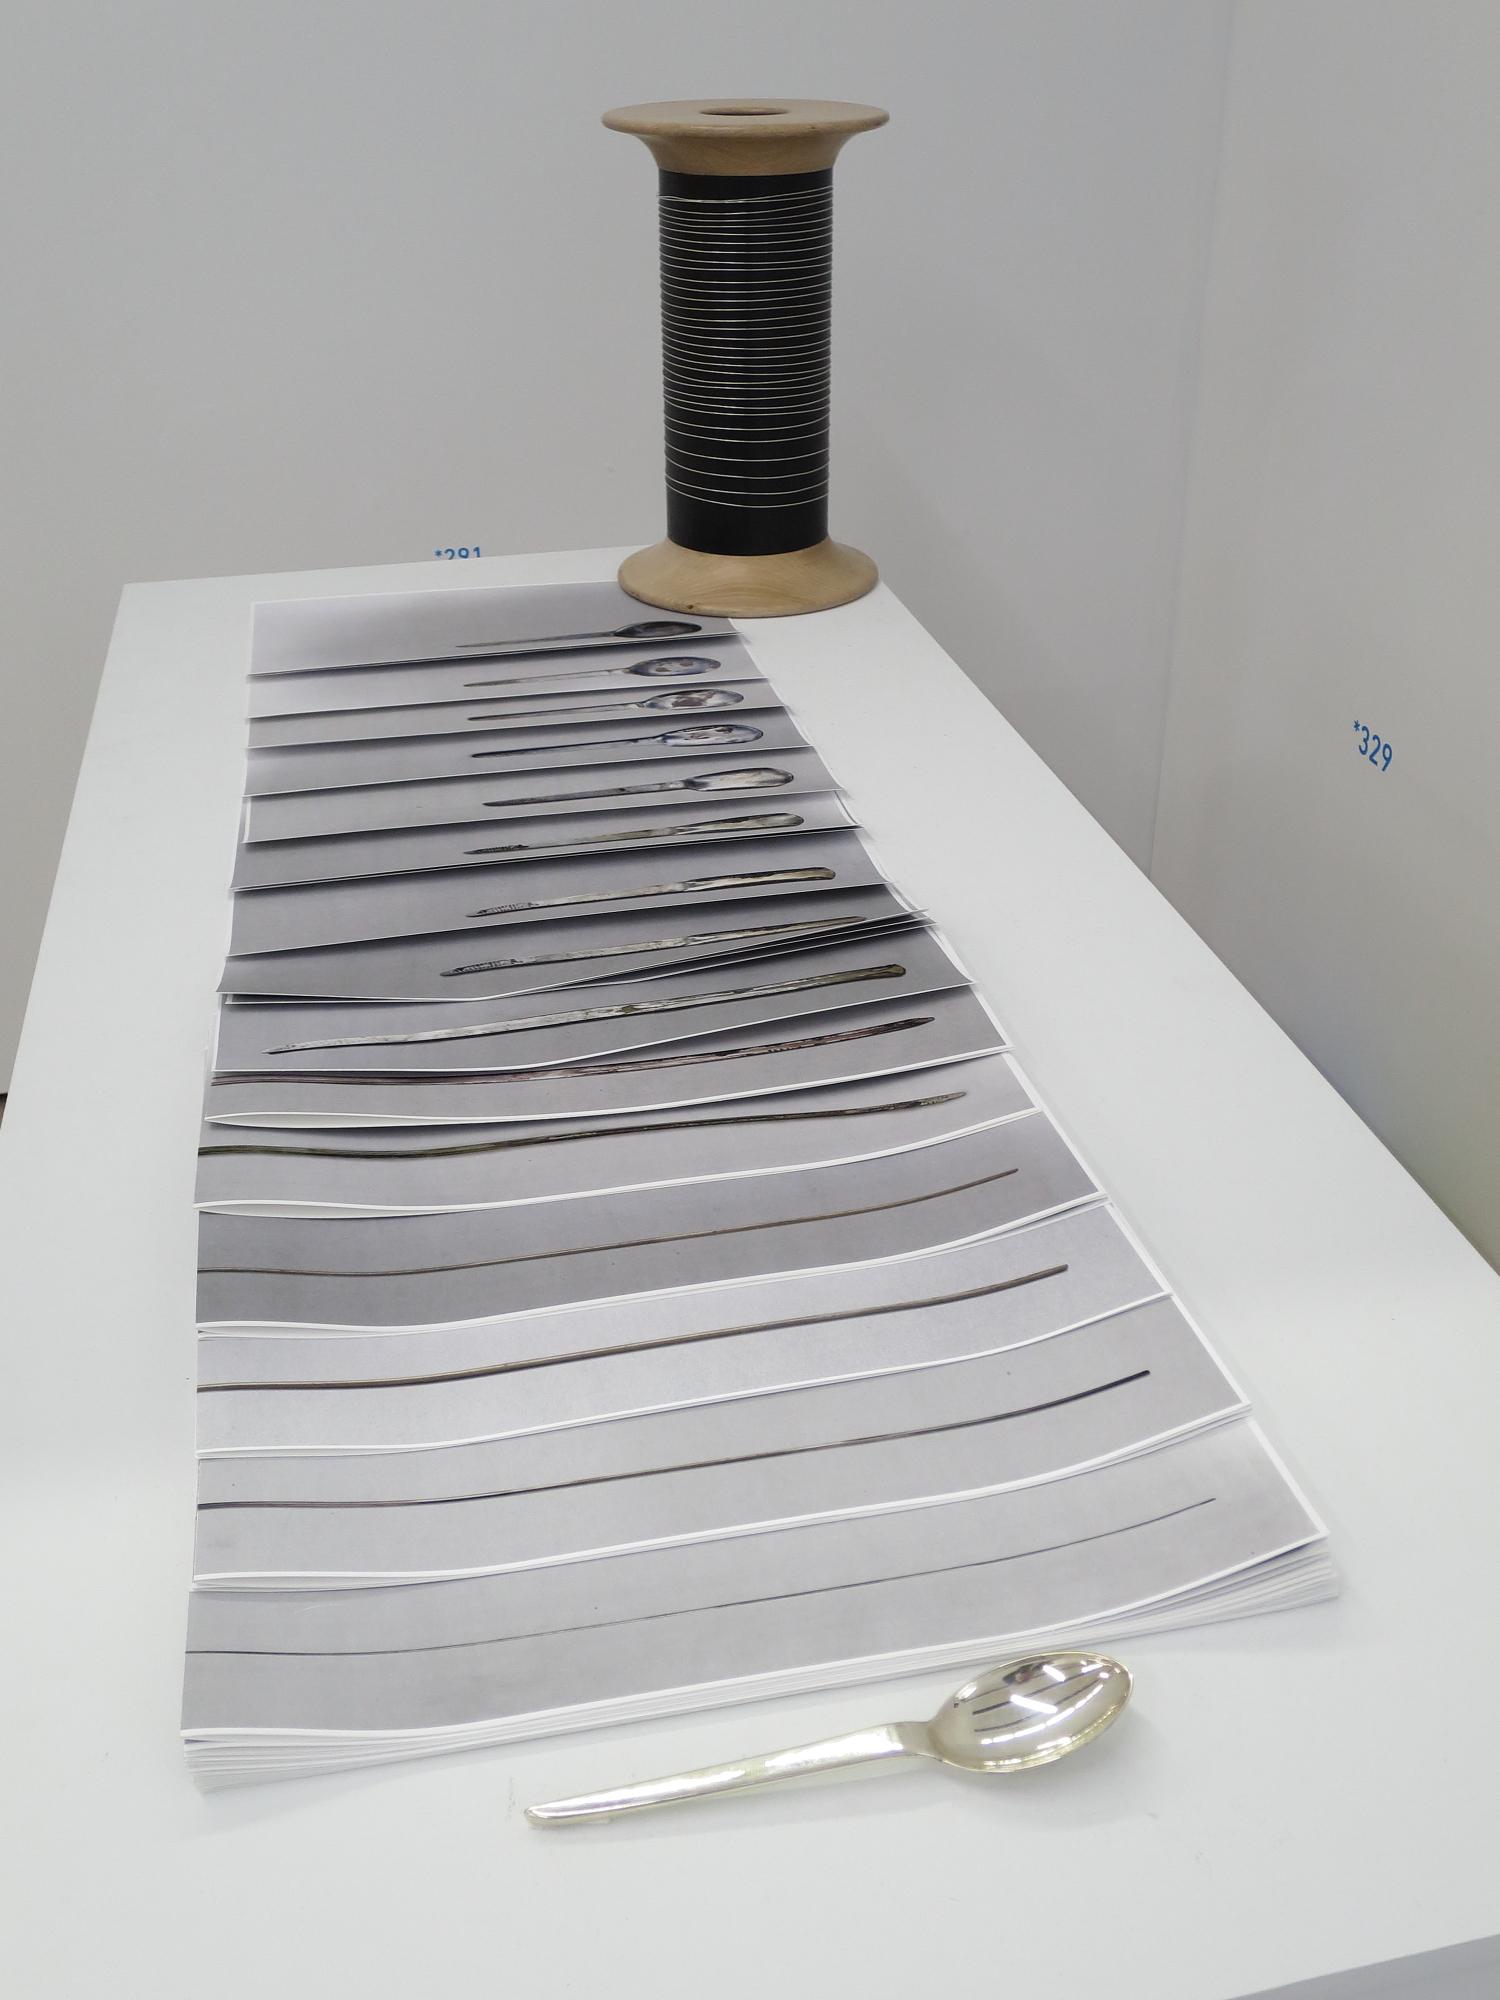 """""""Cuillère"""" (Spoon), 2015, Clarissa Baumann at the Salon de Montrouge"""